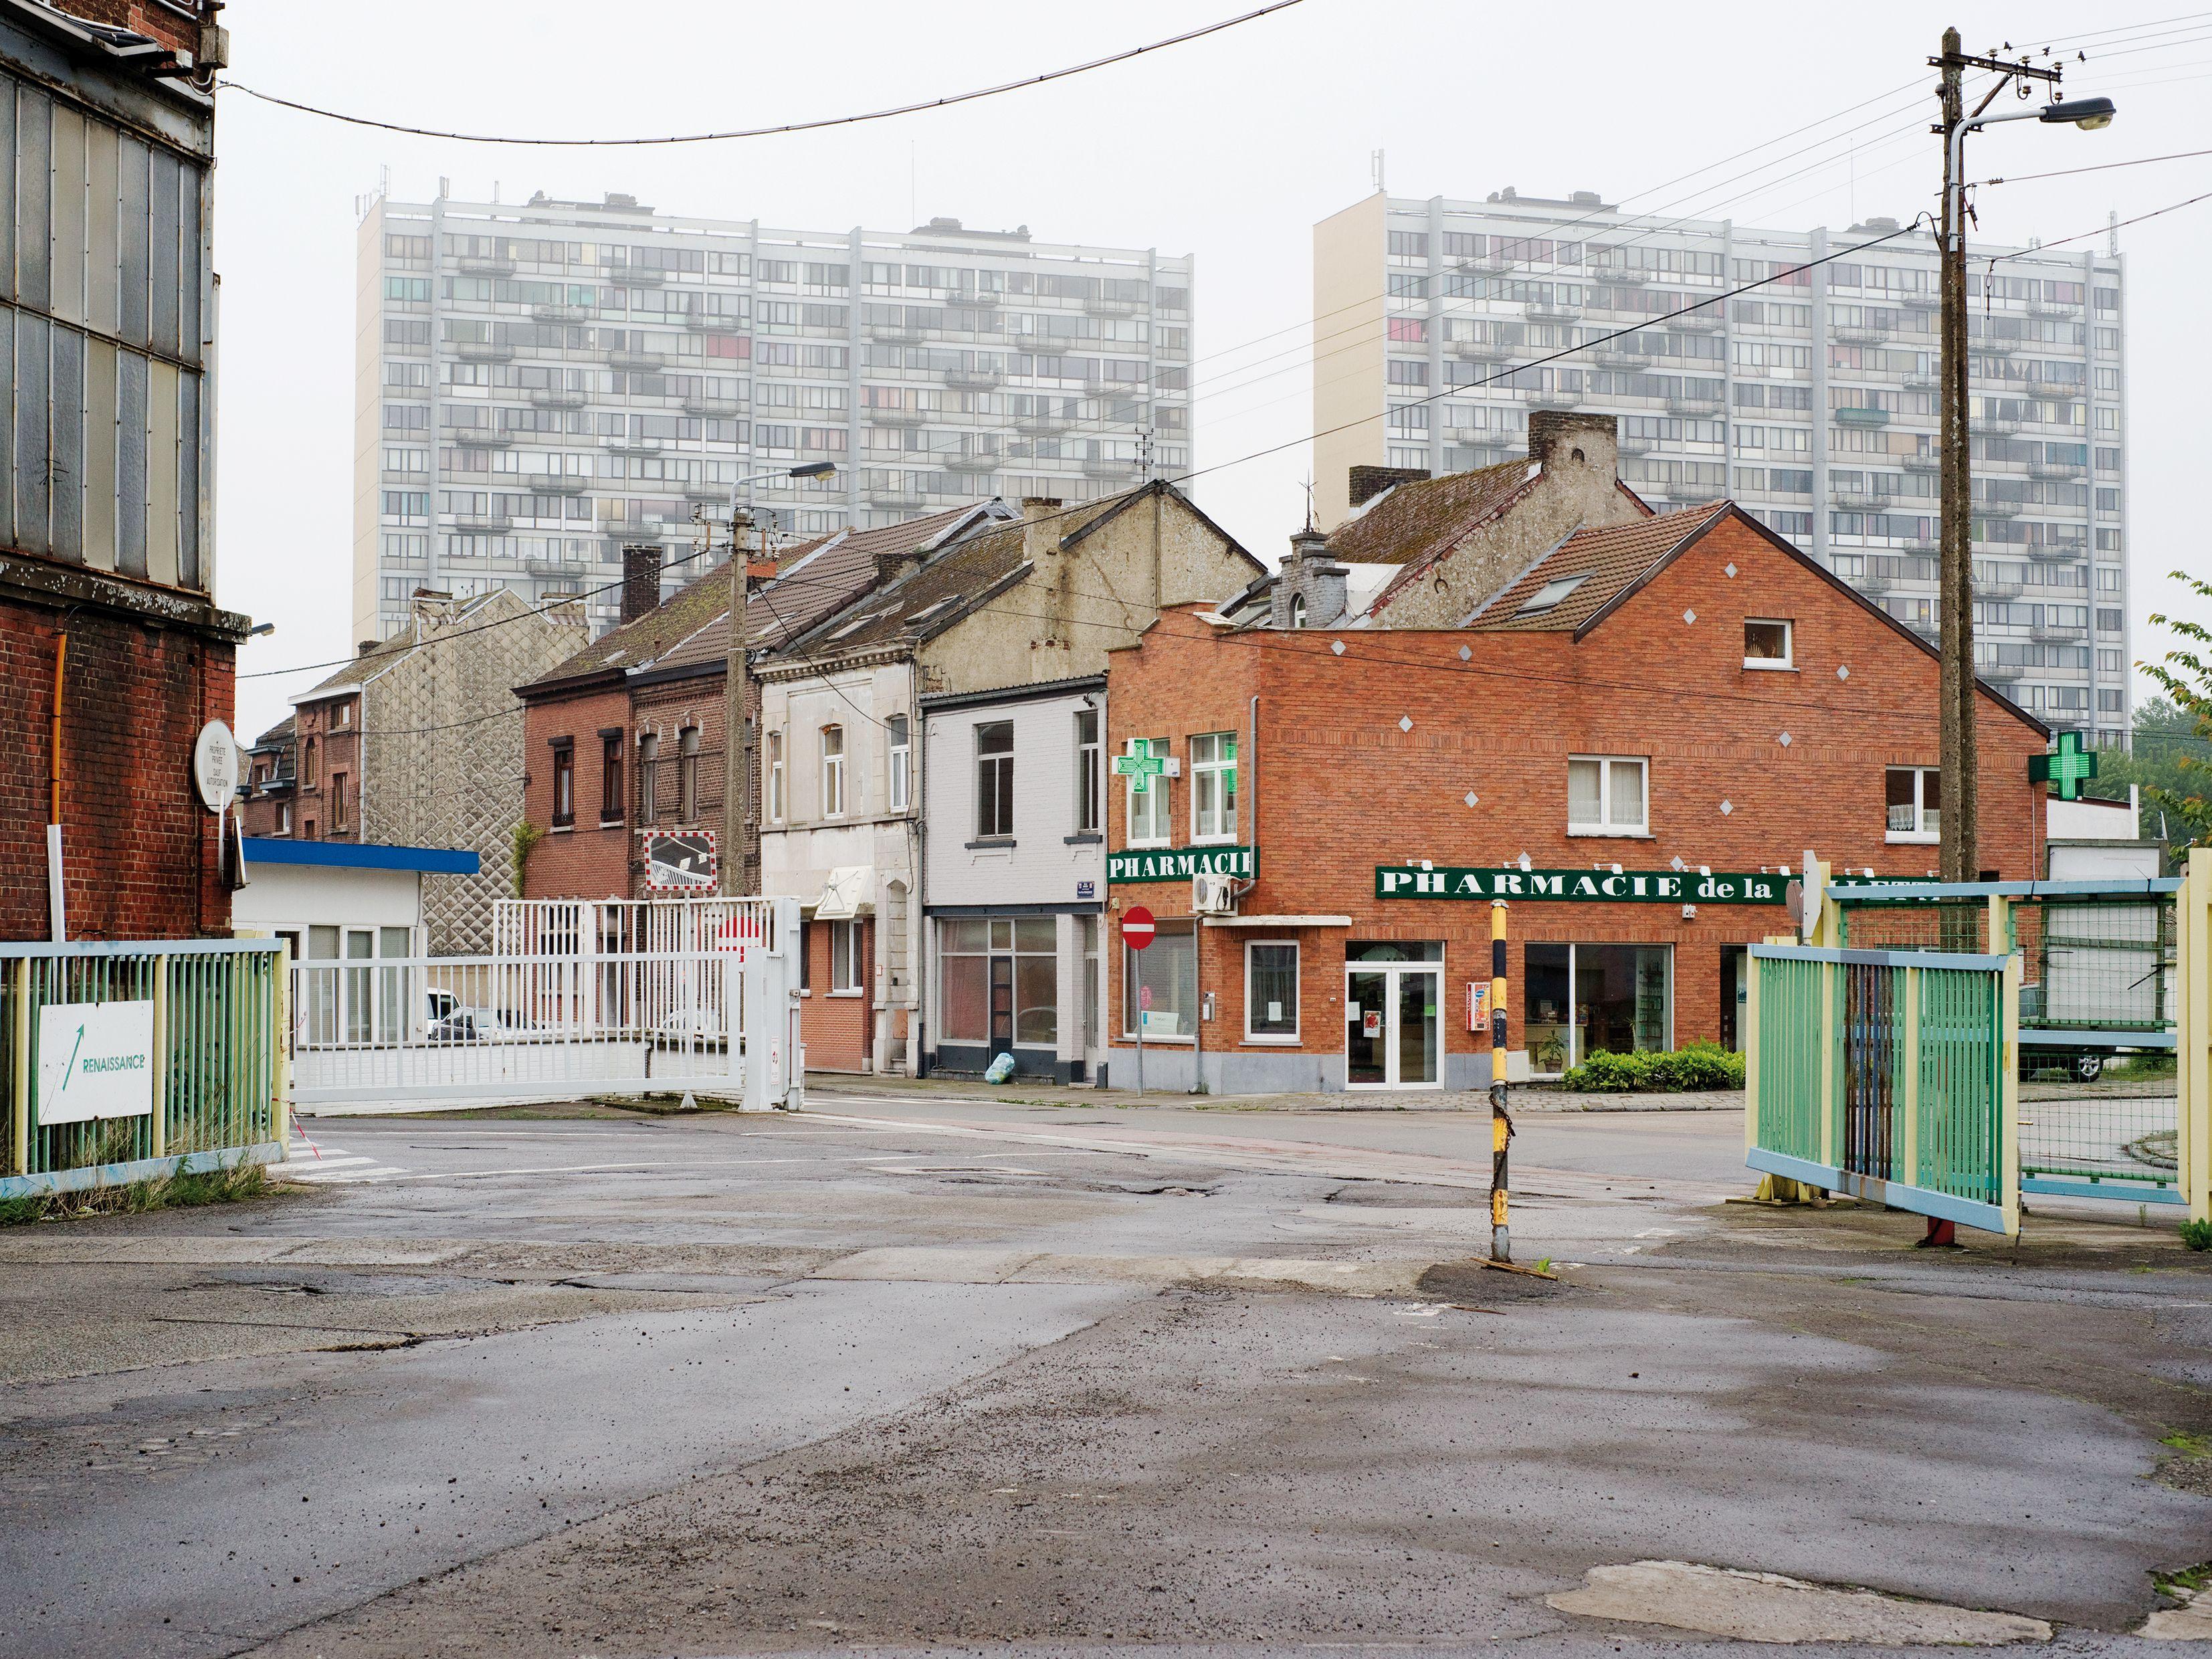 Bild: Sabine Niggemann aus der Serie Charleroi, 2013